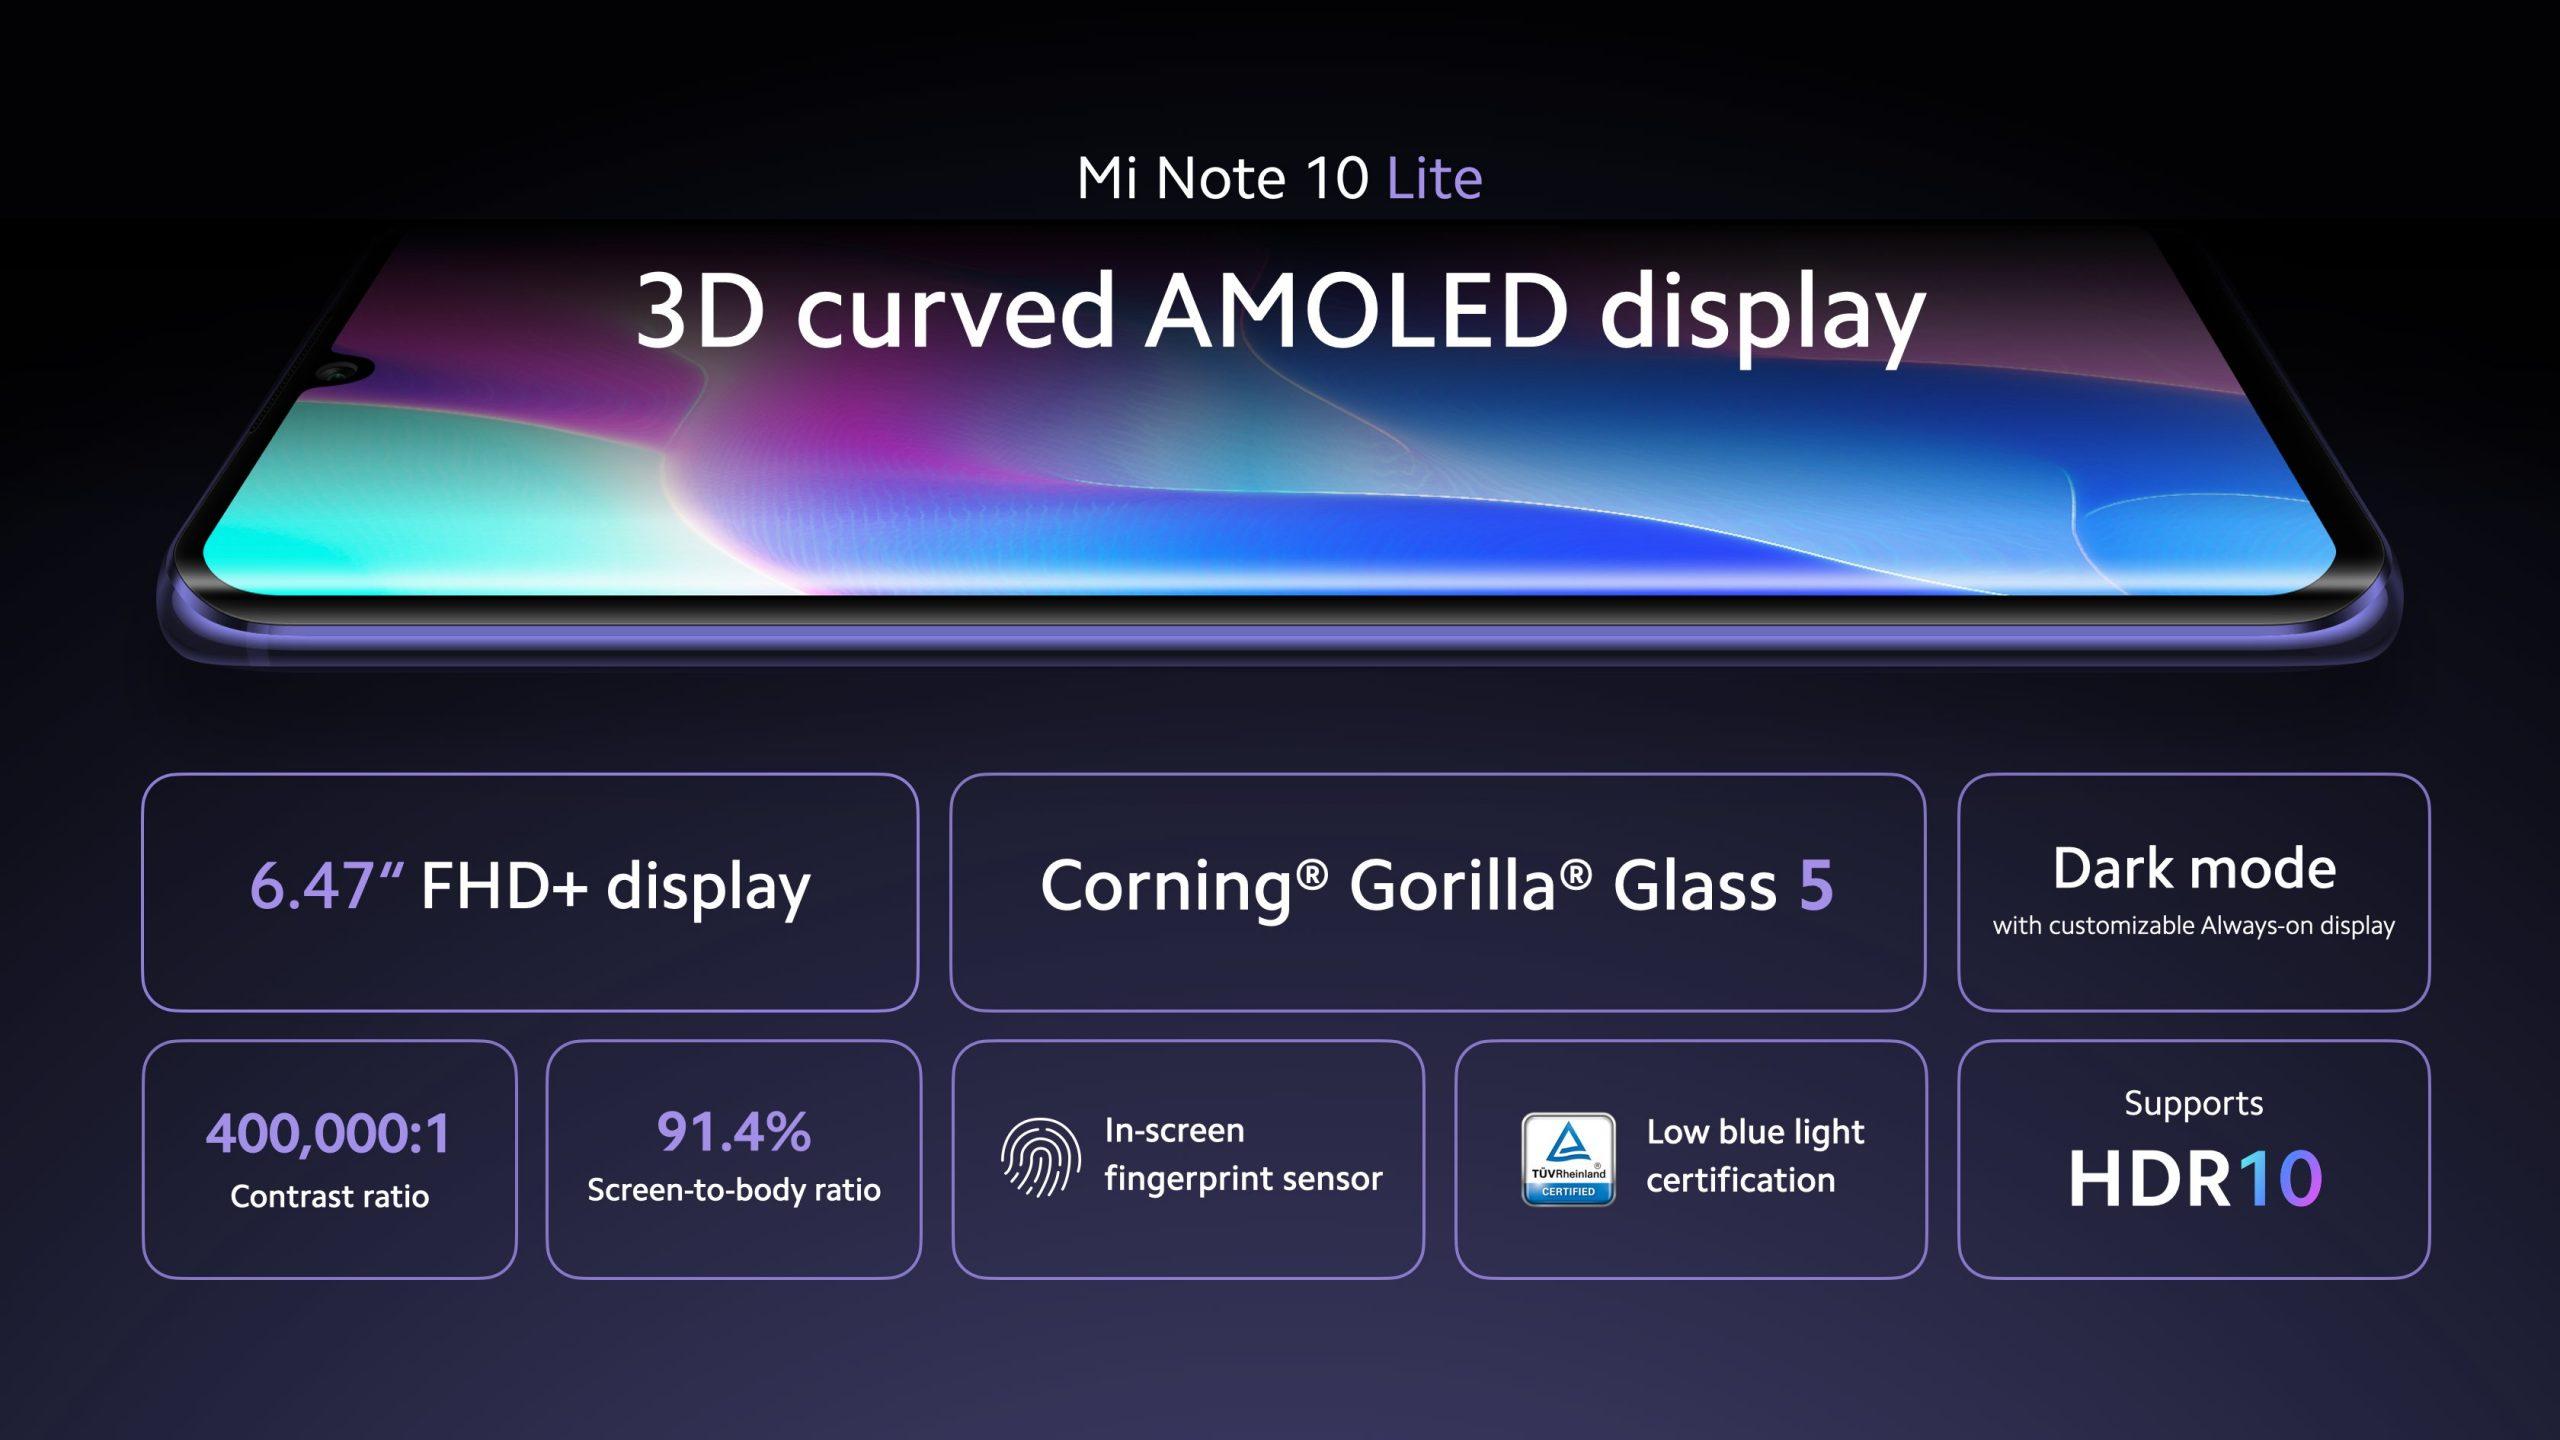 Nuevo Xiaomi Mi Note 10 Lite, características, especificaciones, precio. Noticias Xiaomi Adictos